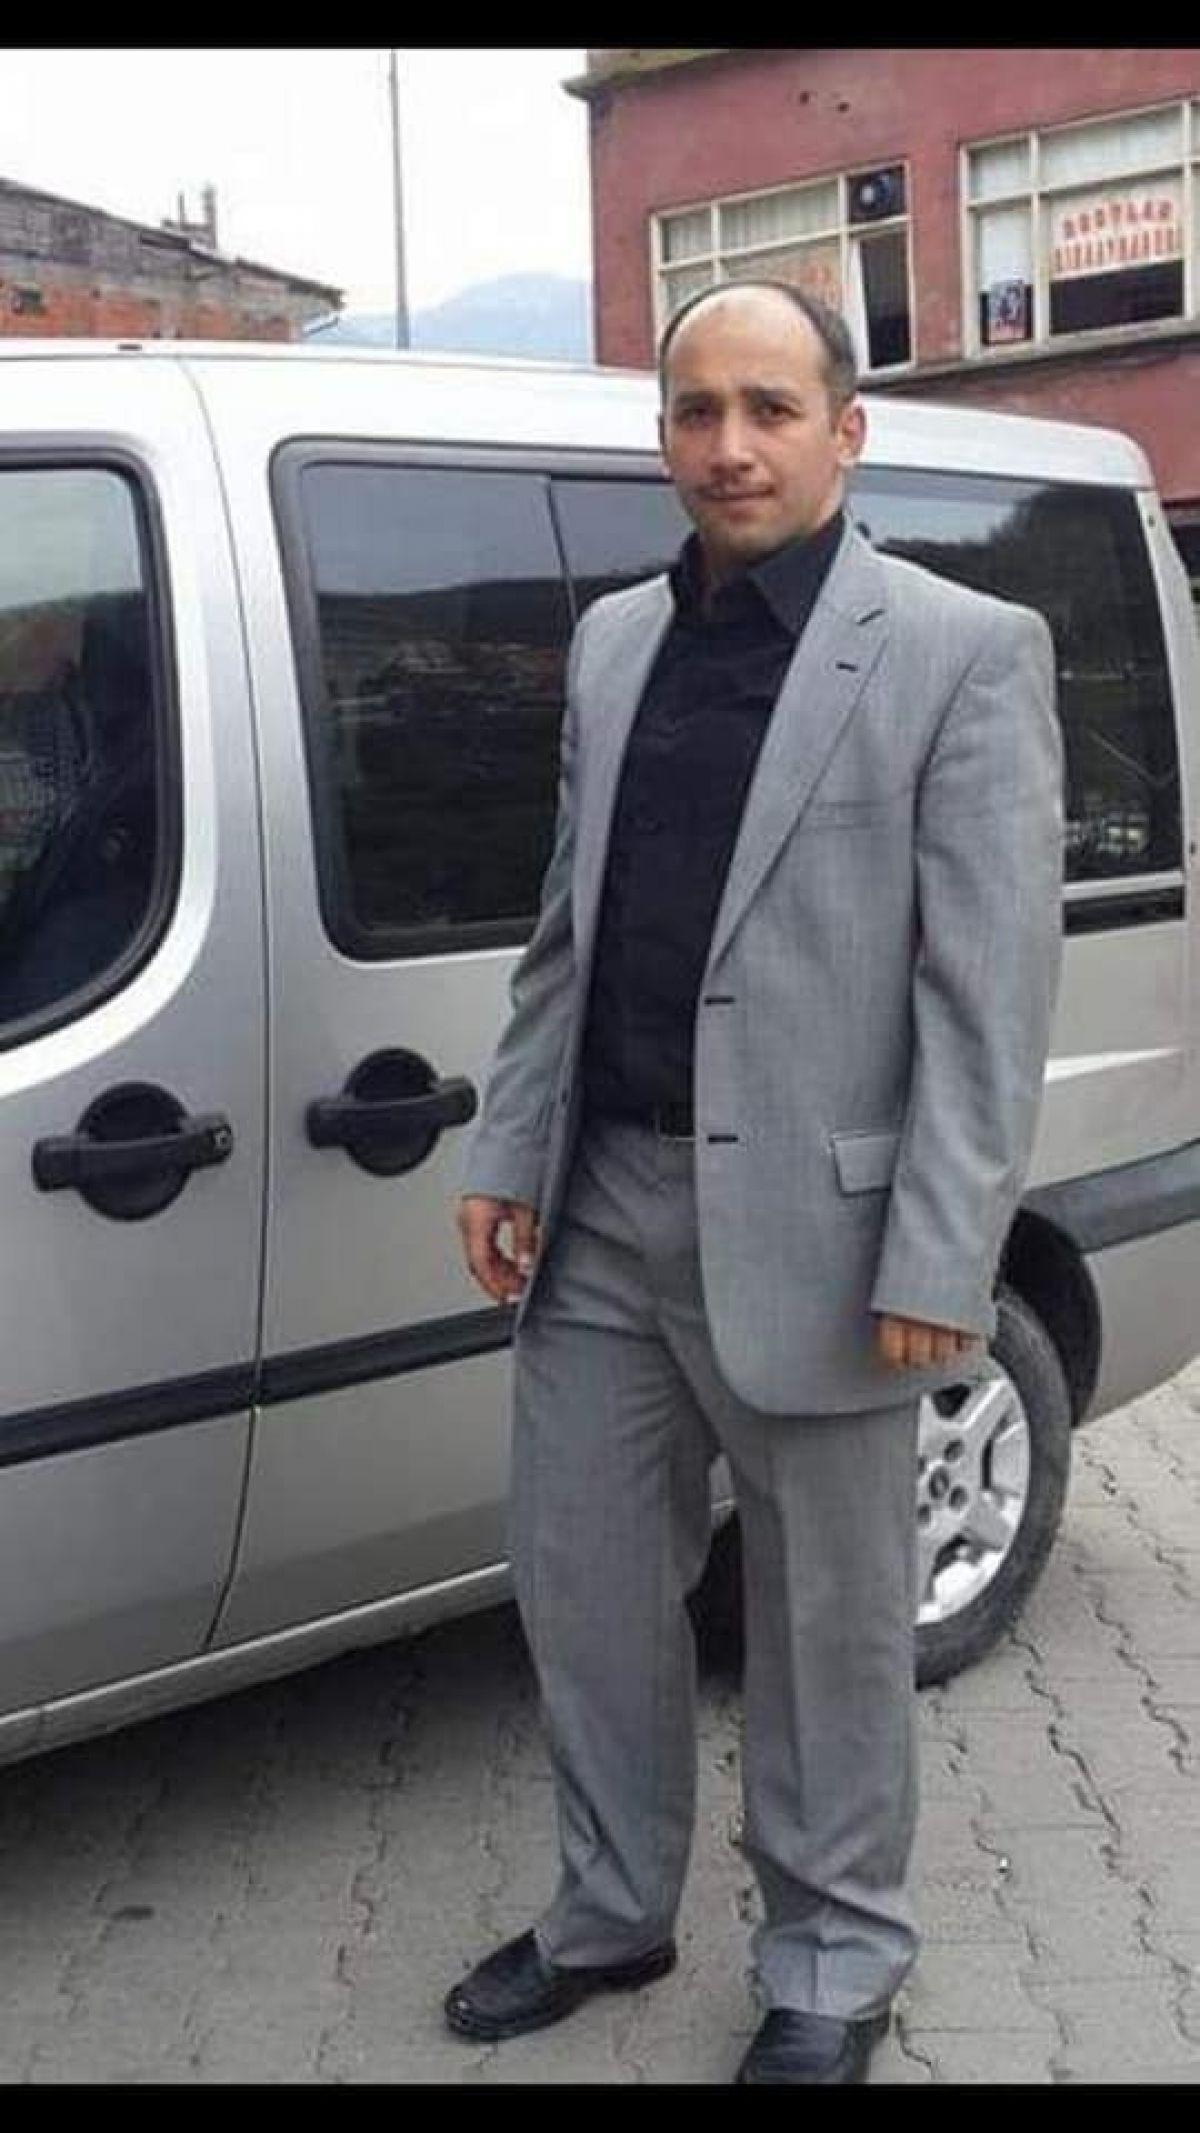 Artvin'de iş yerinde elektrik akımına kapılan esnaf, hayatını kaybetti #4